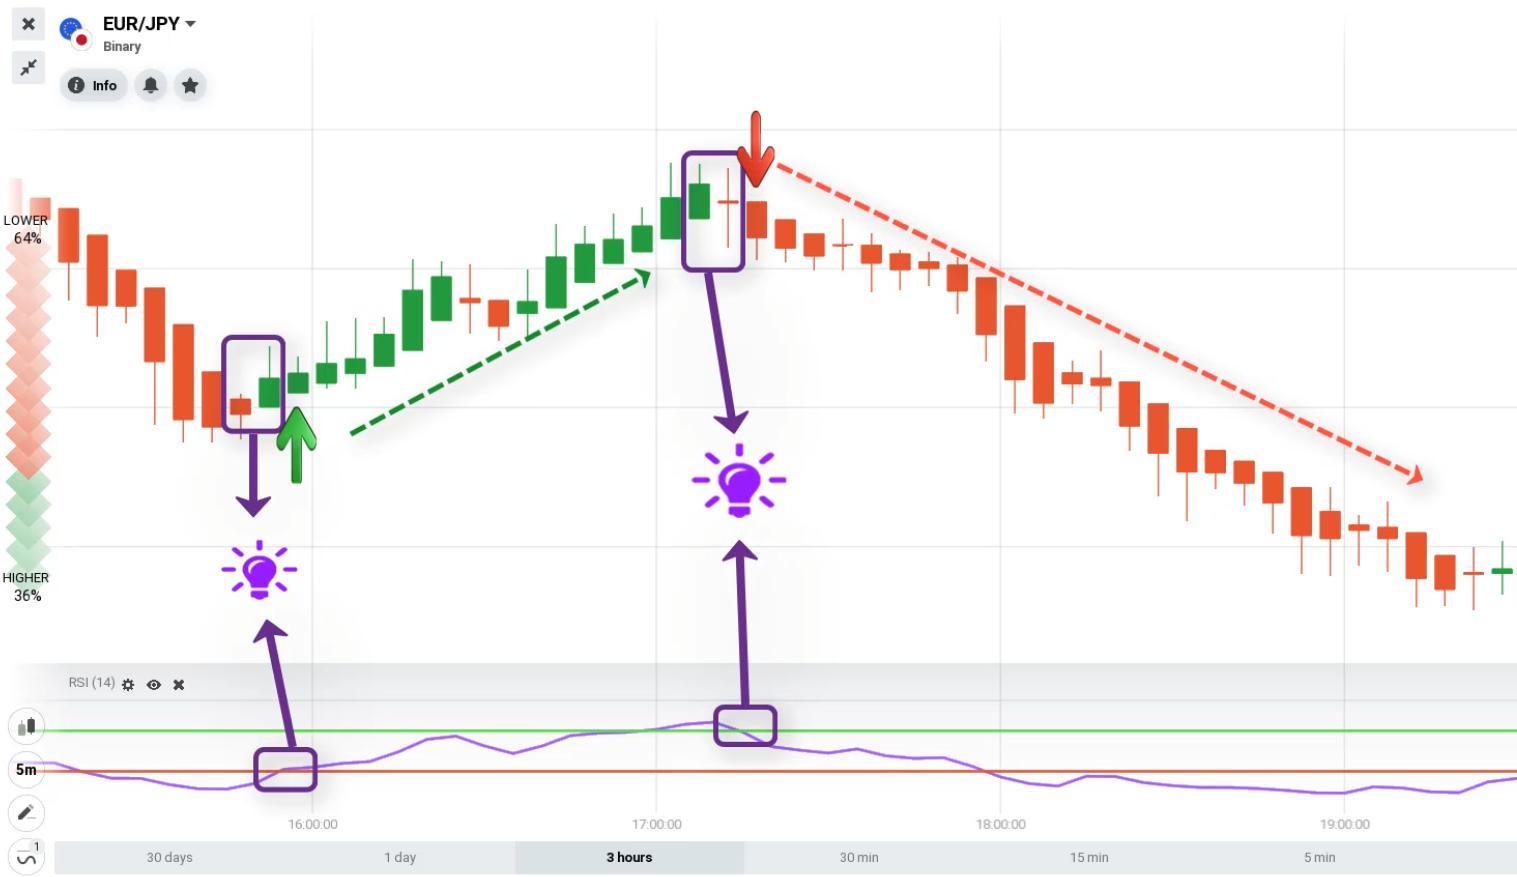 Estratégia de negociação usando RSI combinado com gráfico de velas Heiken Ashi